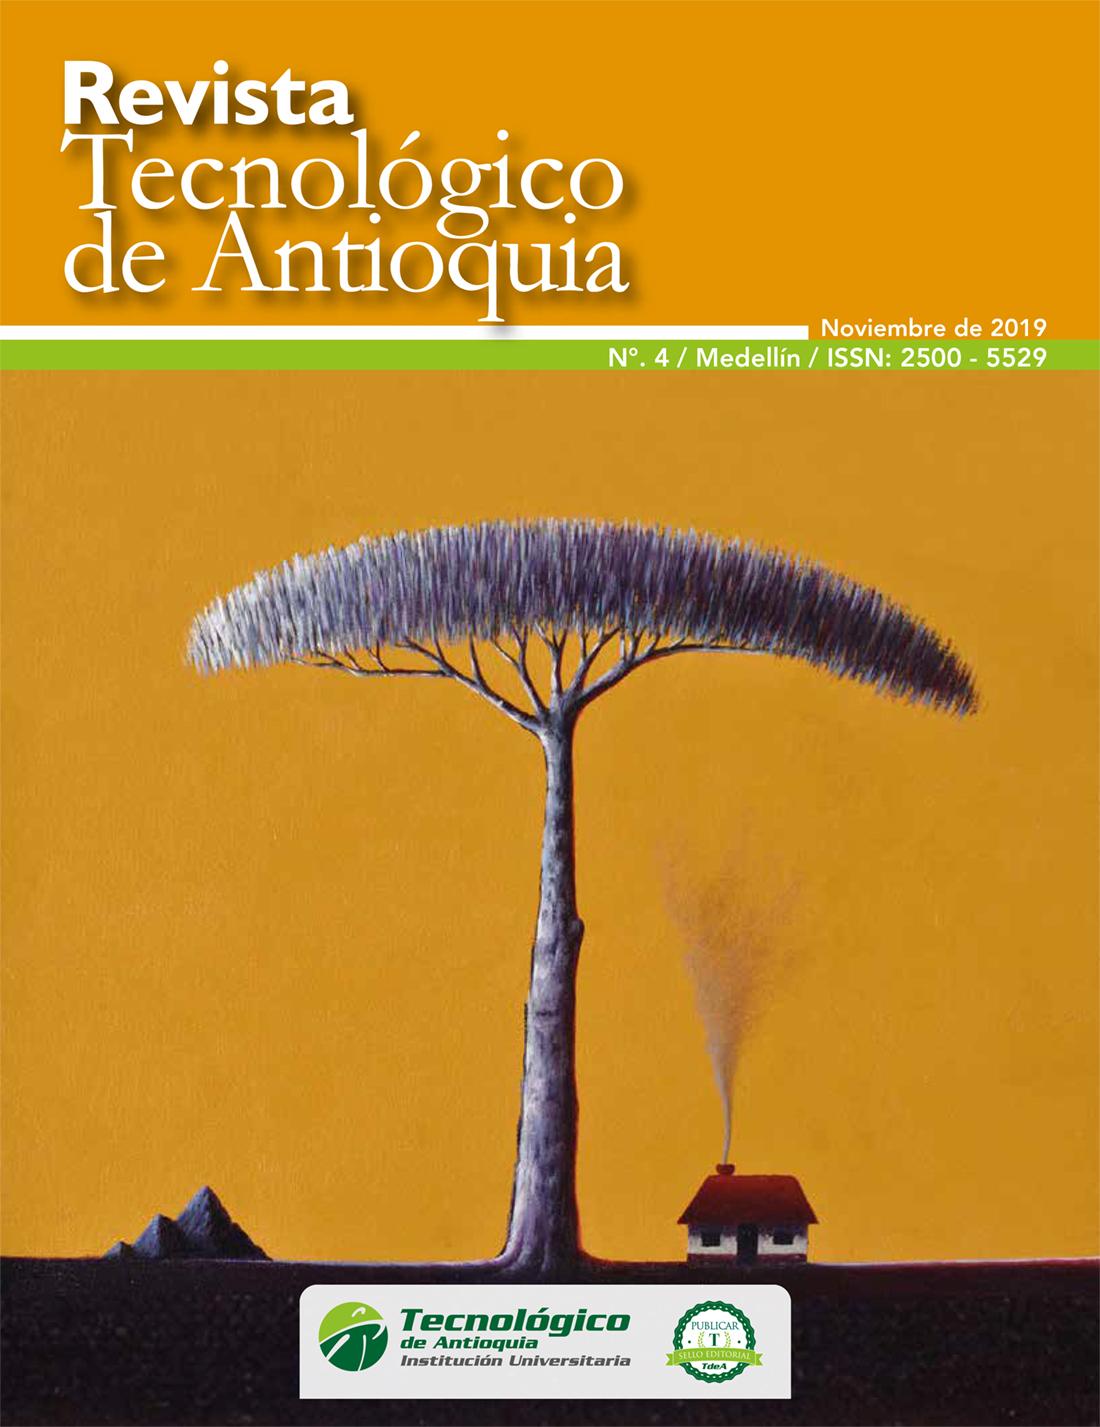 Revista Tecnológico de Antioquia